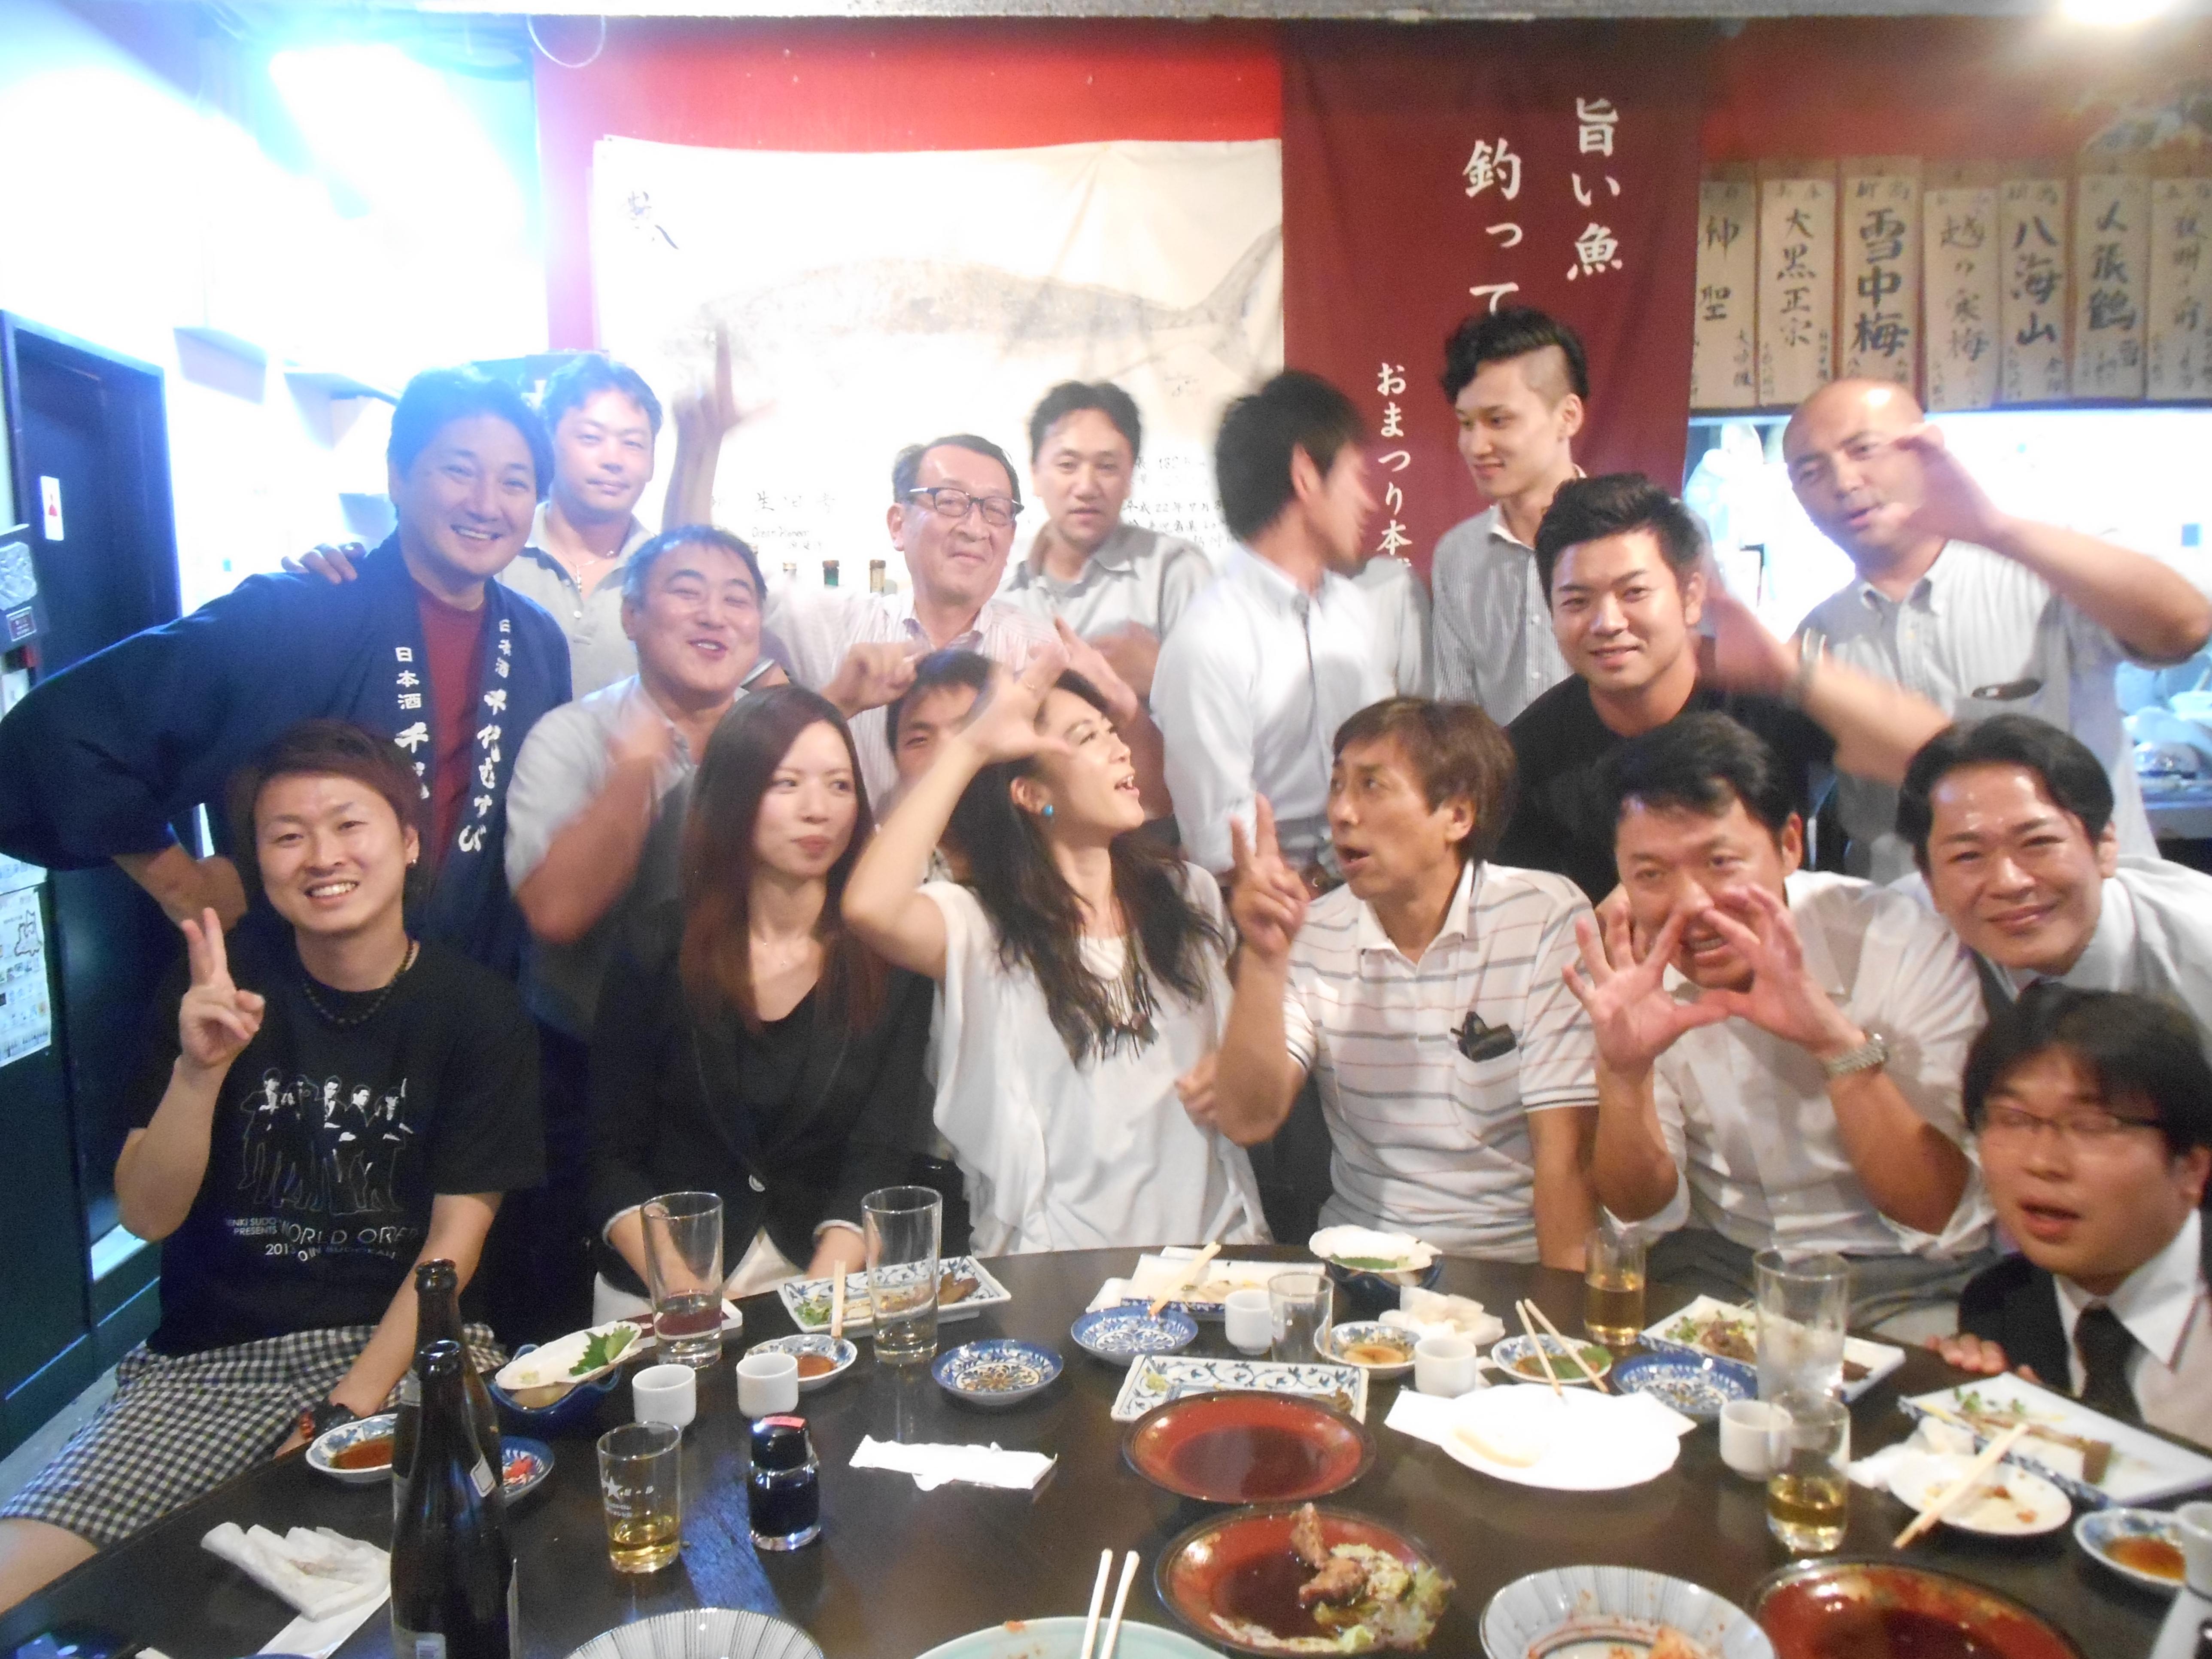 2015年9月14日 AOsuki定例飲み会開催しました。